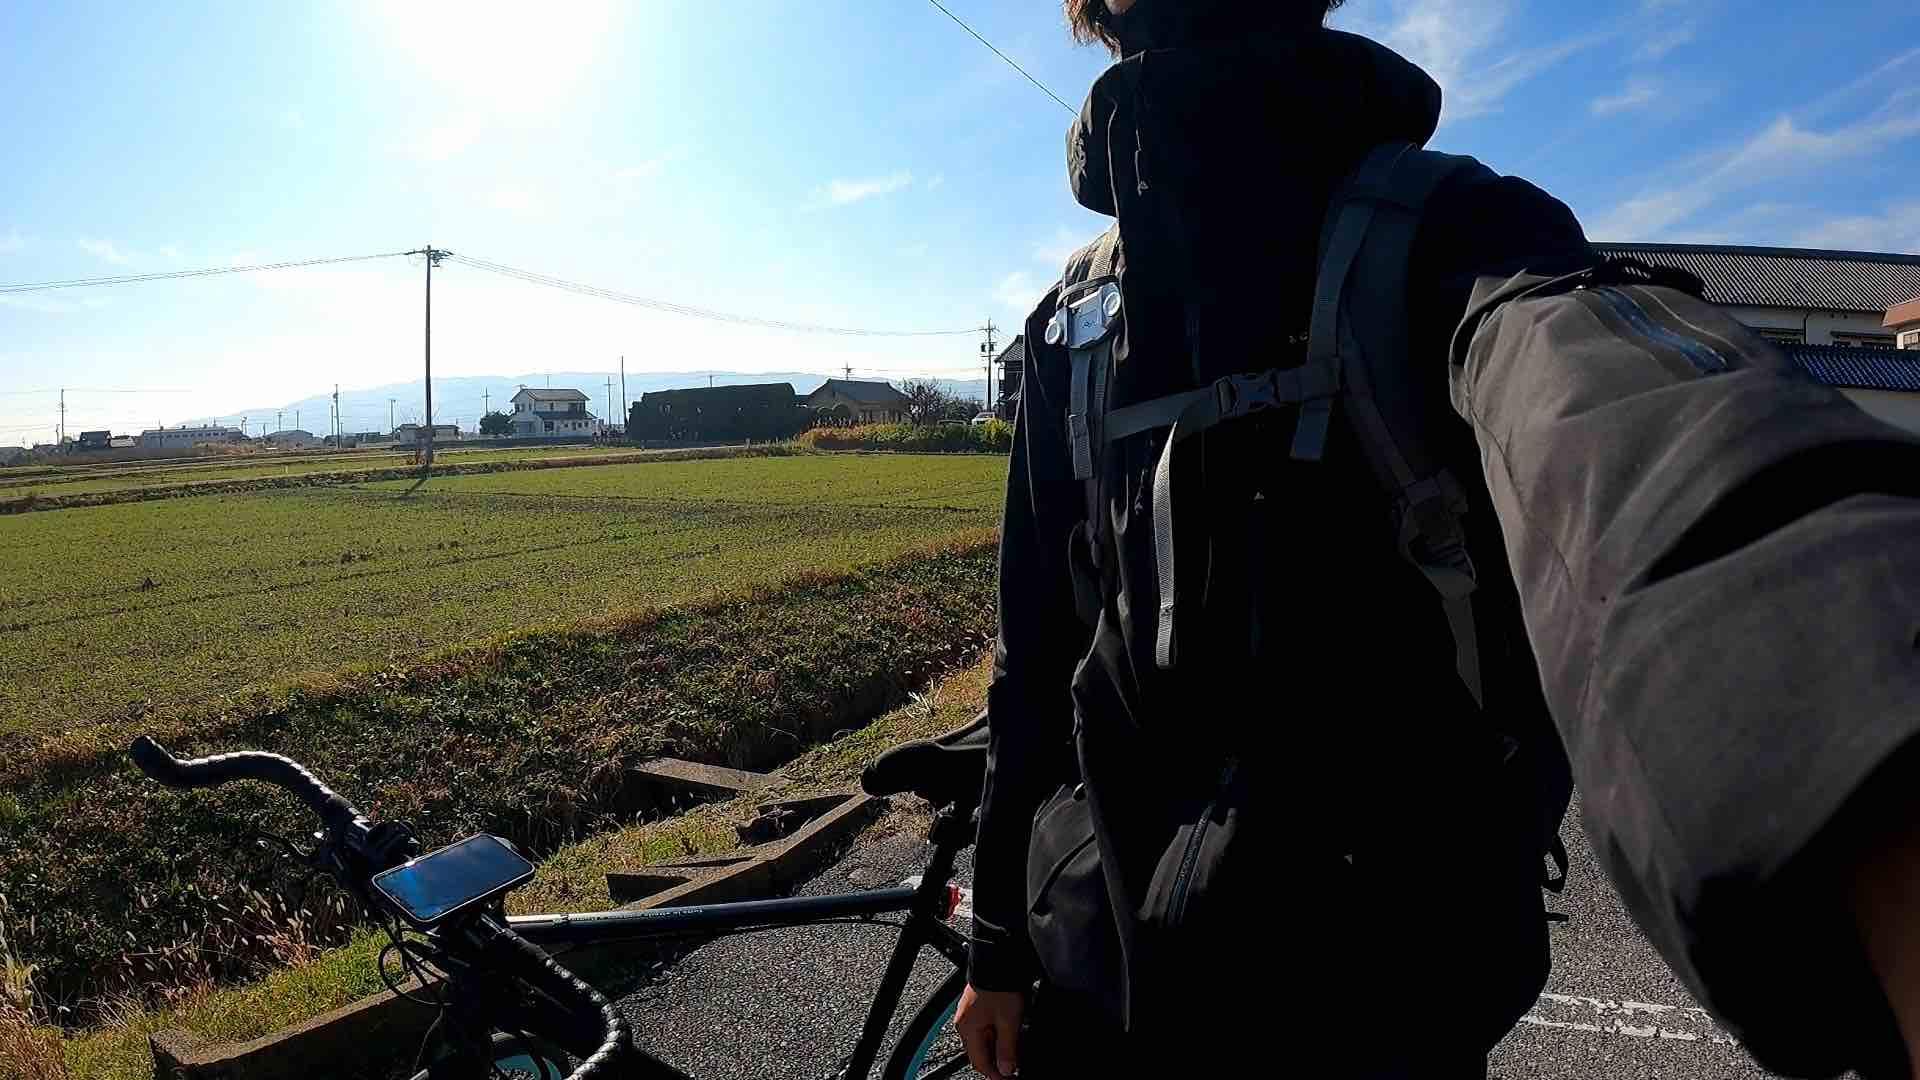 【ブルホーン化した理由】クロスバイクから垢抜けたかった…!